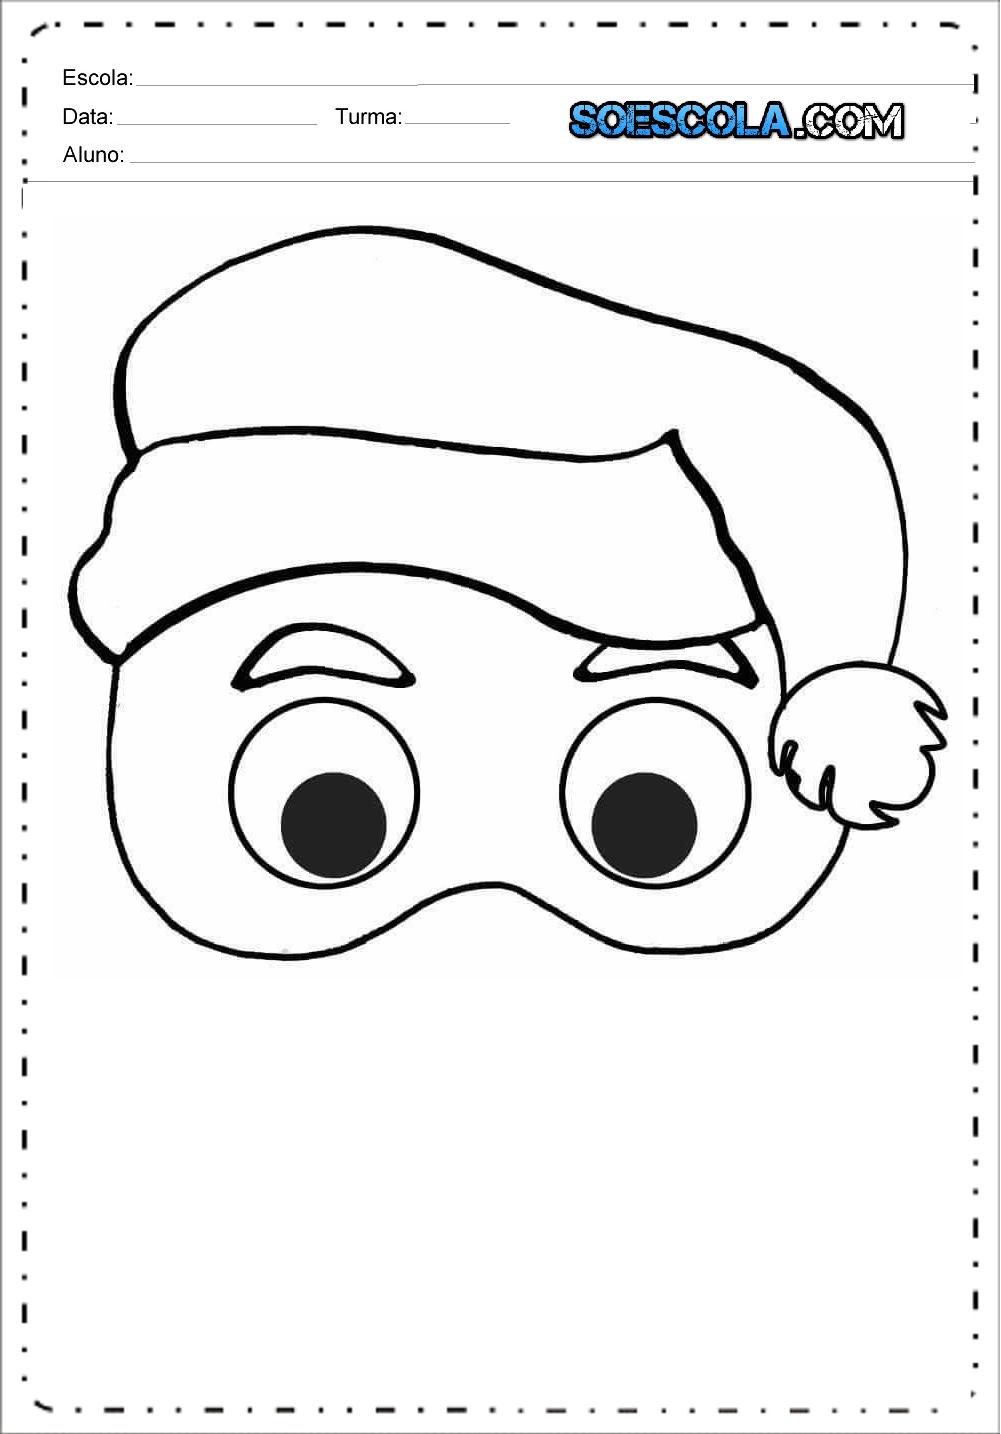 Máscaras de Natal - Para Imprimir - Papai Noel, Rena e Boneco de Neve